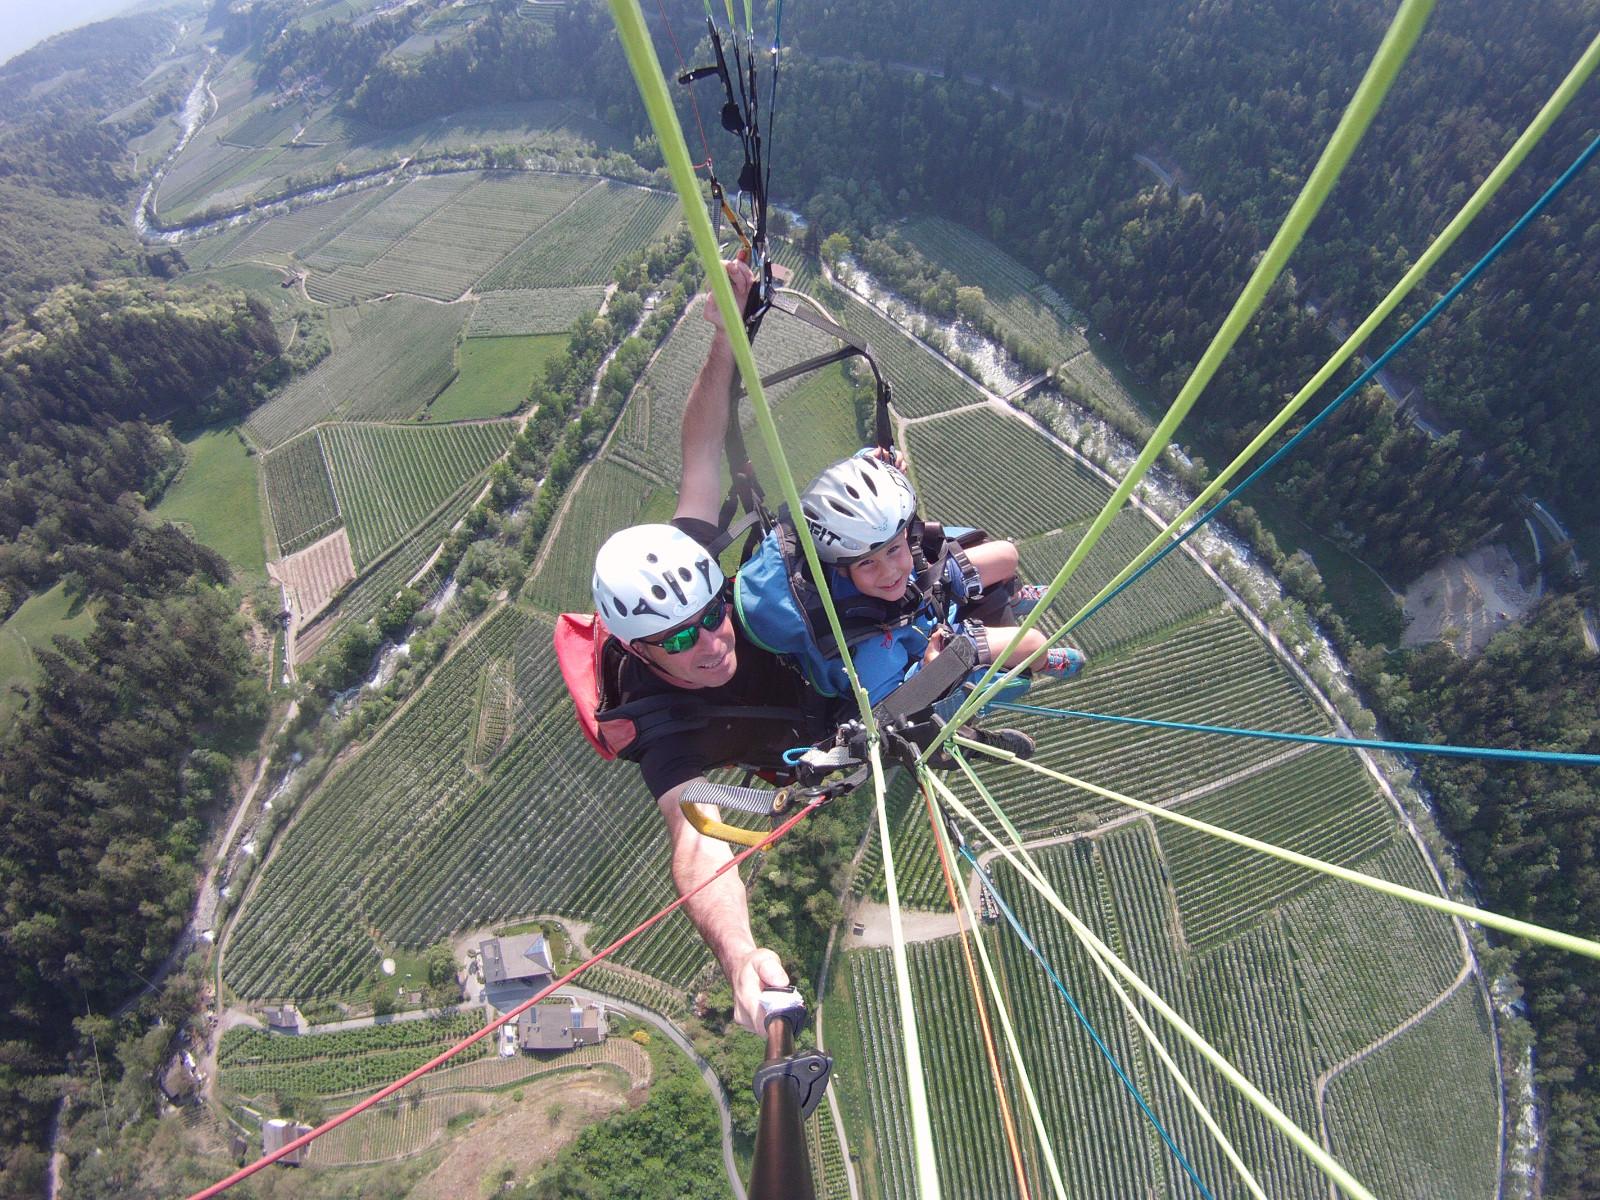 Volo in parapendio biposto in Val Passiria in Alto Adige